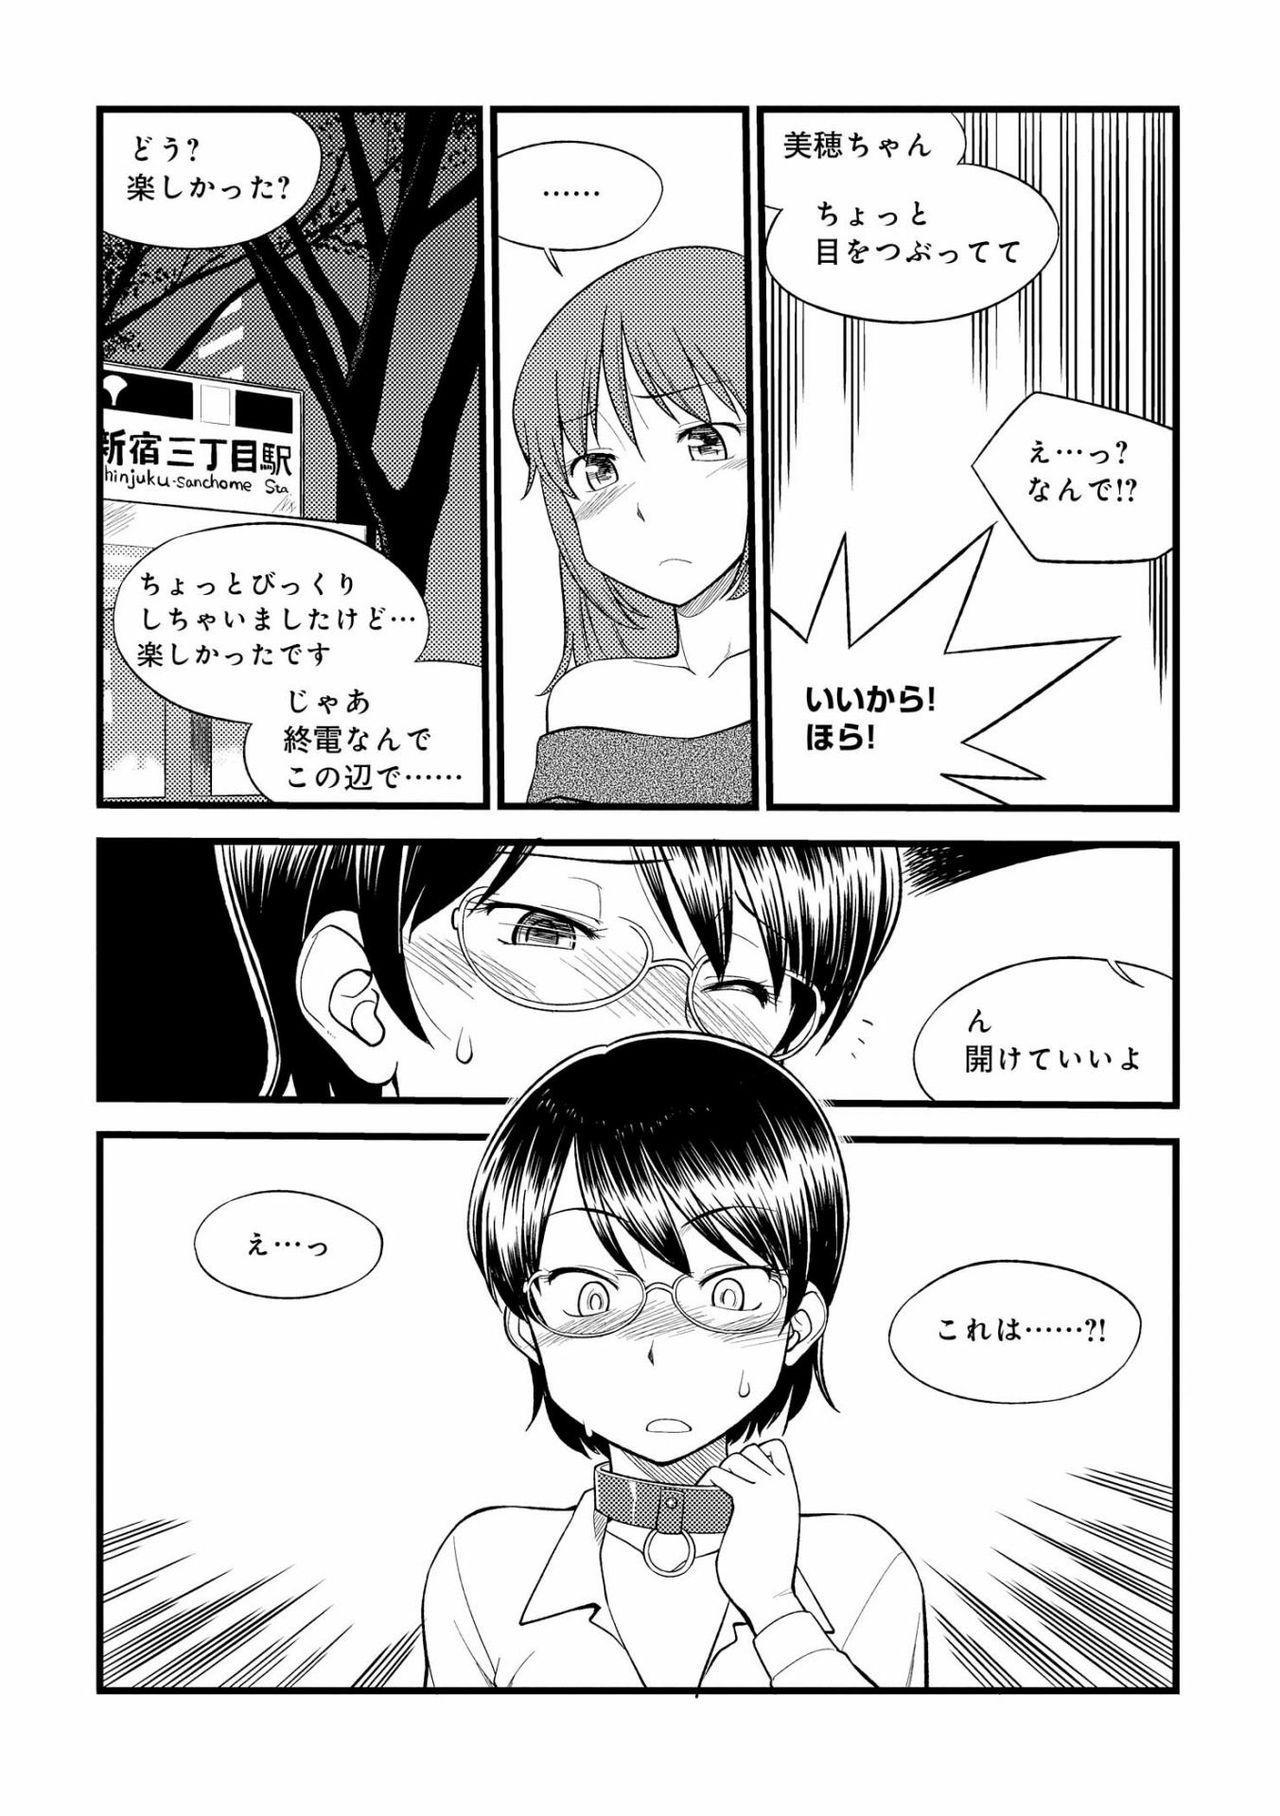 [Mitsuba] Karada mo Kokoro mo Boku no Mono ~Hajimete no SM Guide~ 2 [Digital] 116